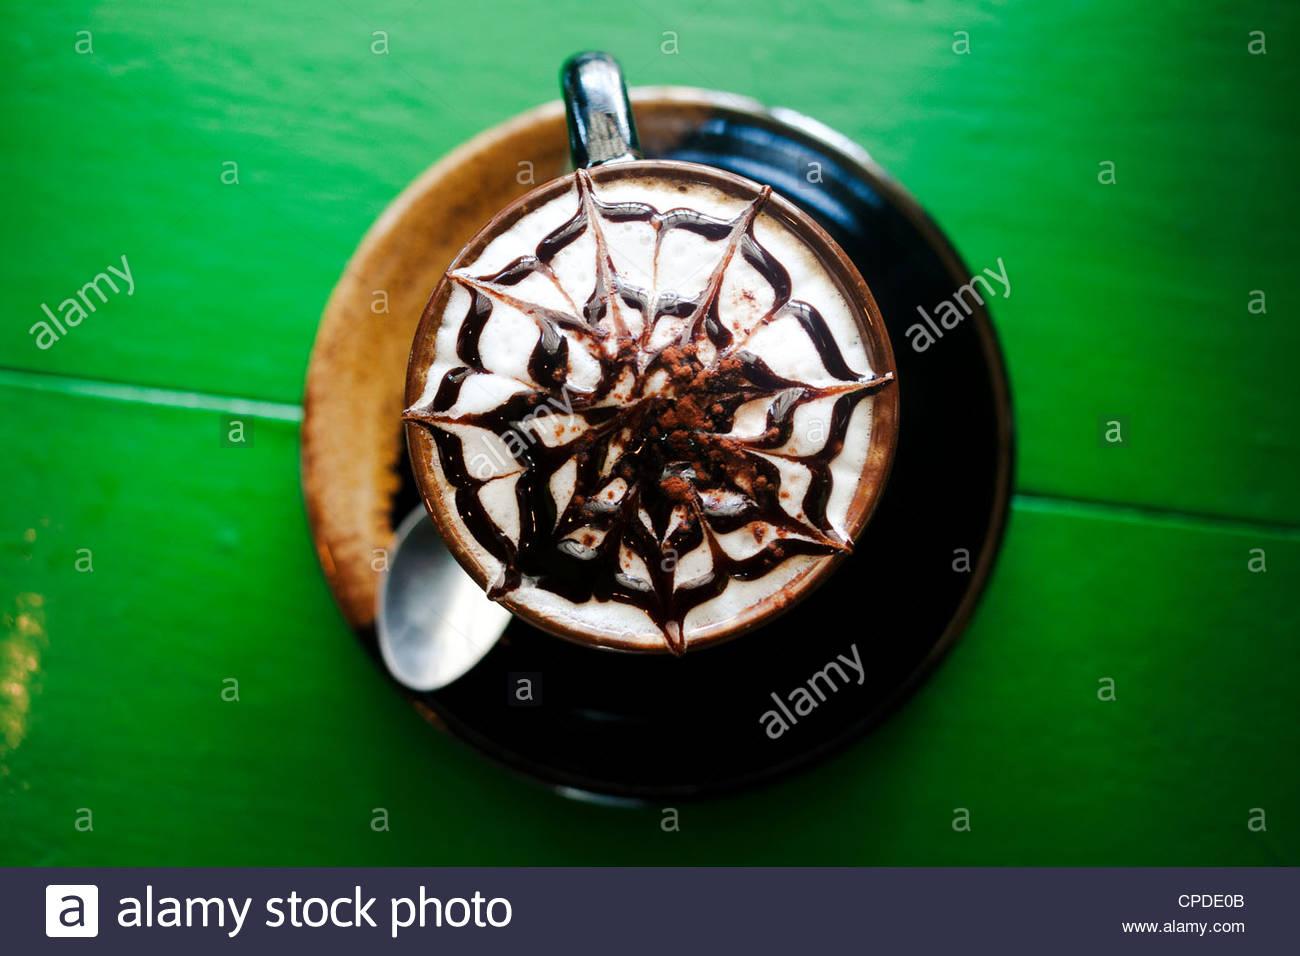 Diseño decorativo en espuma de latte Foto de stock